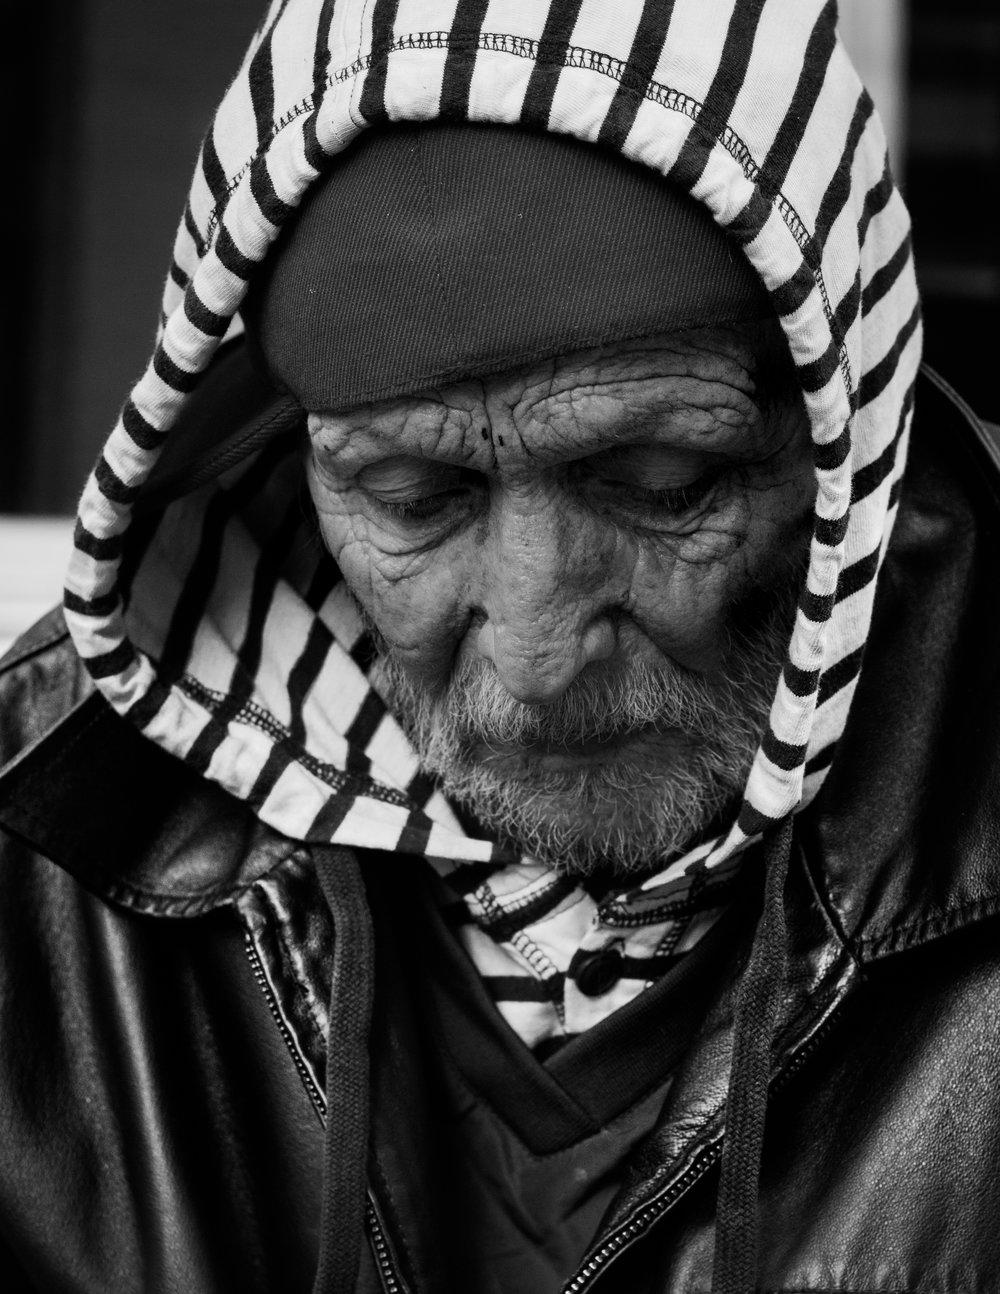 MSC_October 22, 2016_homeless_10.jpg